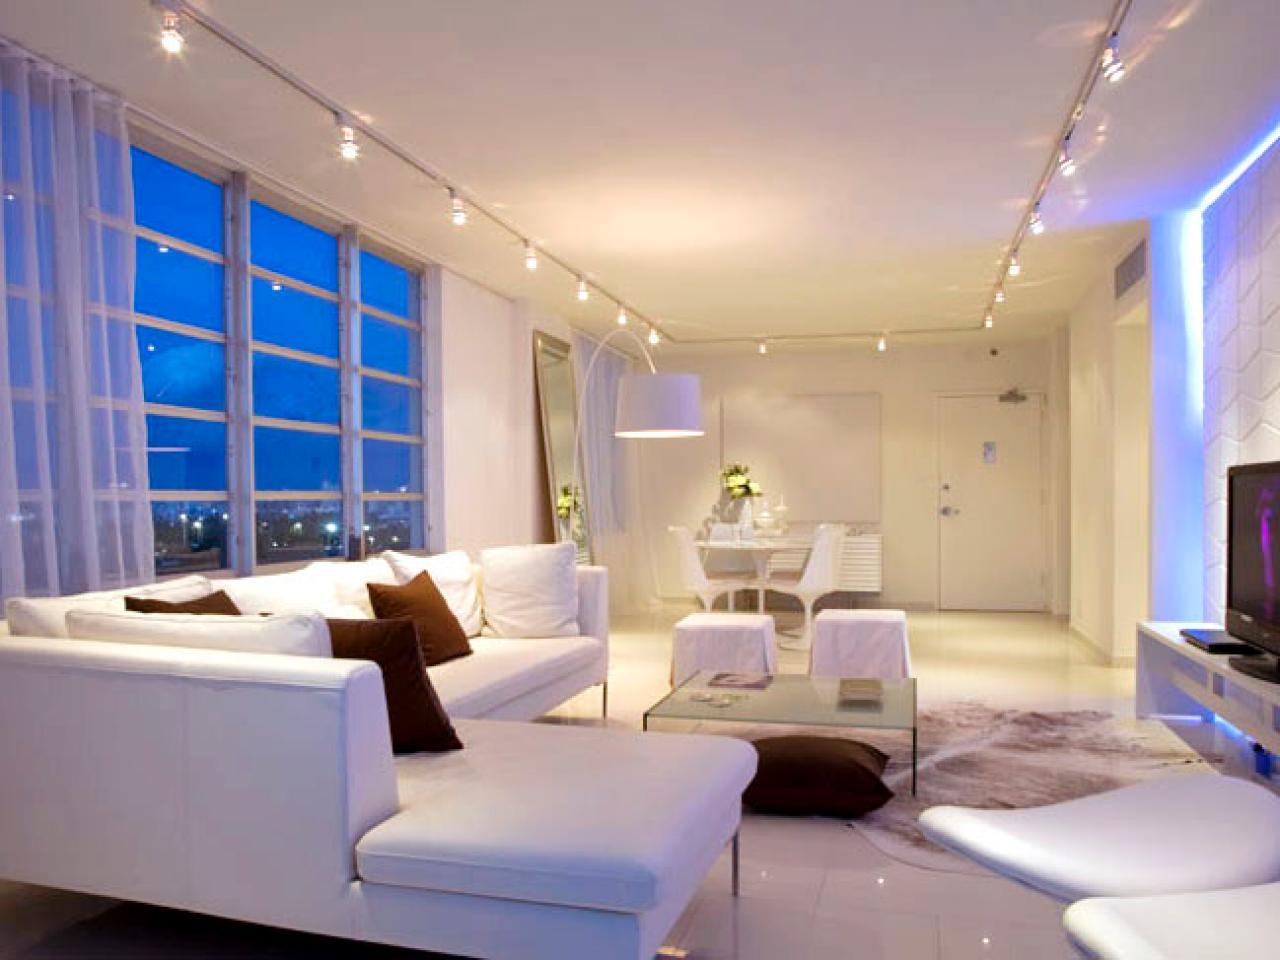 Cómo iluminar una sala